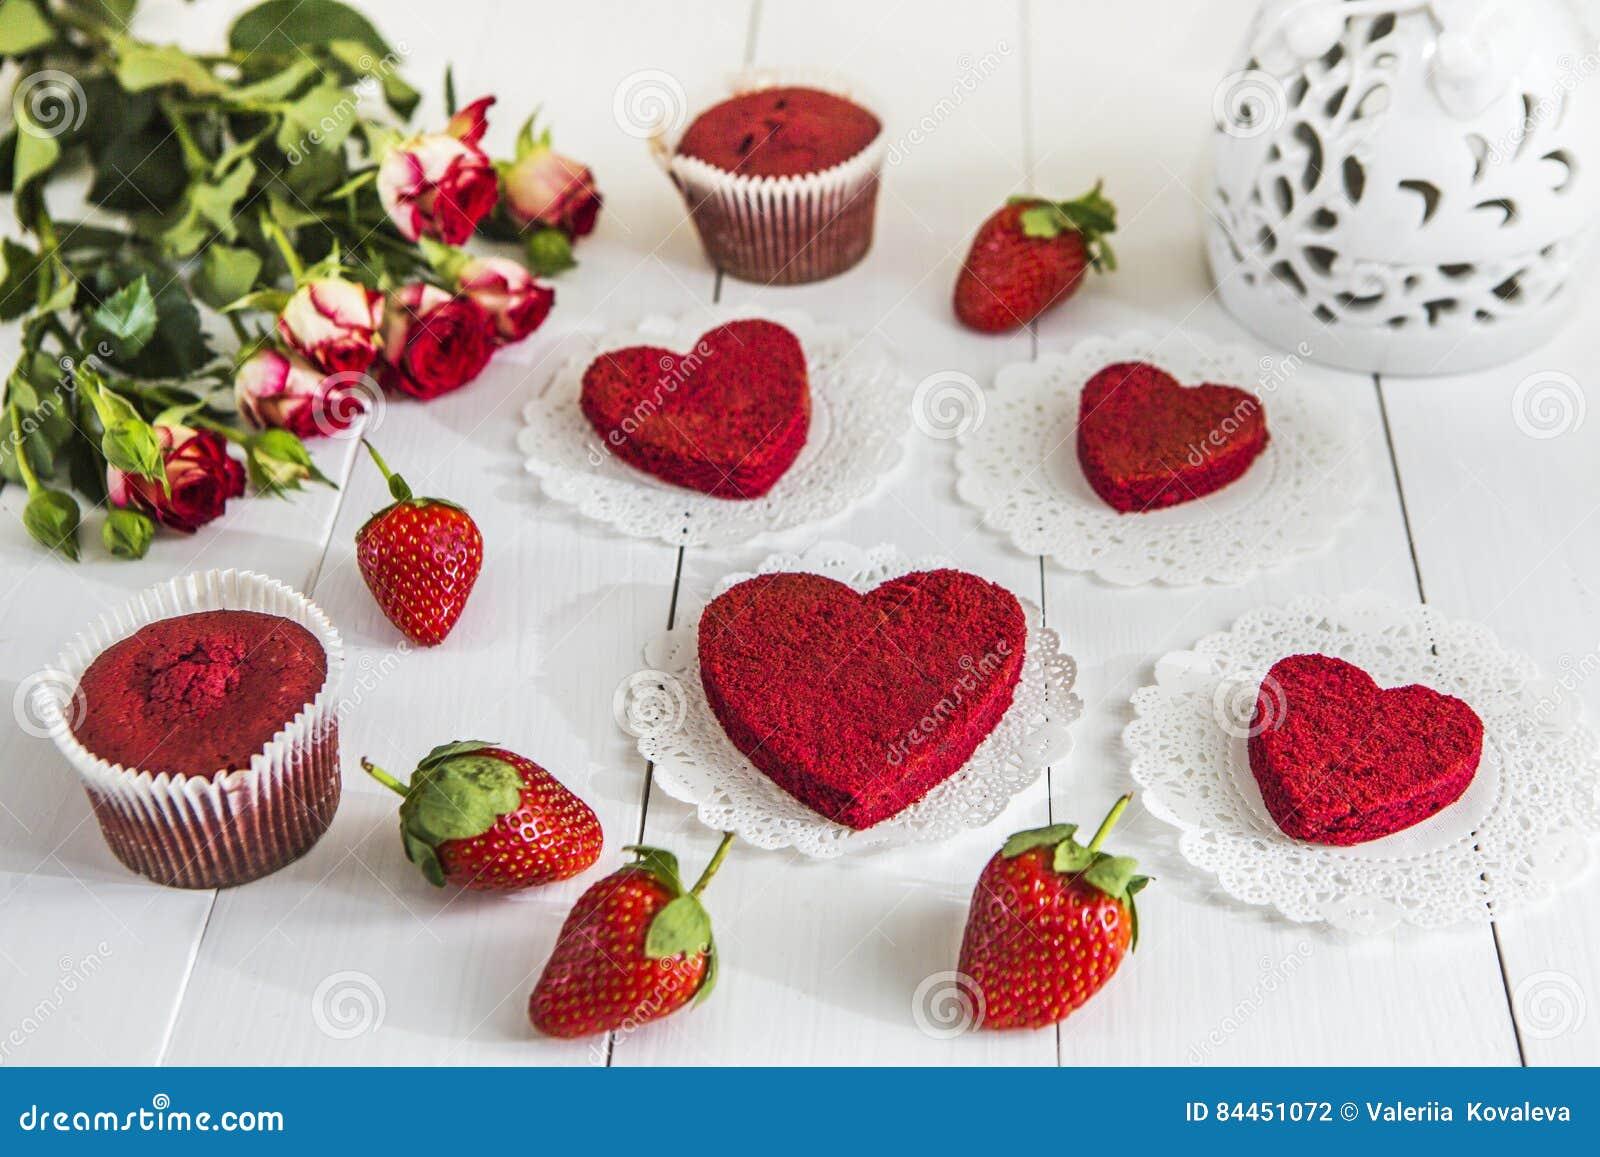 没有奶油色`红色天鹅绒`的红色蛋糕在一张白色木桌上,装饰用草莓、玫瑰和白色透雕细工花瓶有hea的